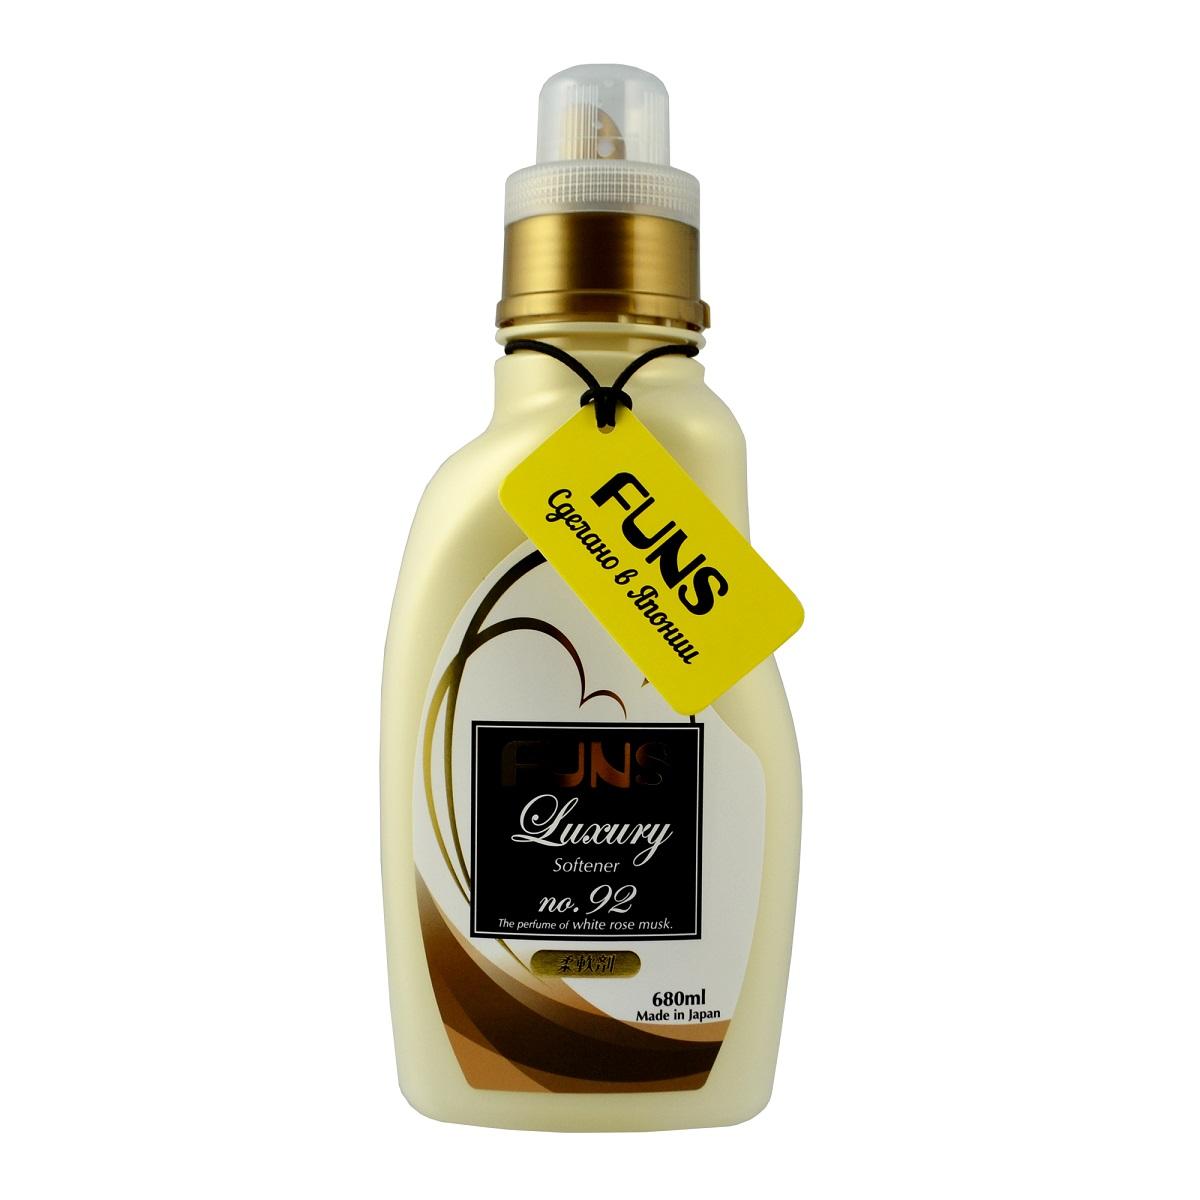 FUNS Кондиционер парфюмированный для белья с ароматом белой мускусной розы 680 мл10049Концентрированный кондиционер для белья Funs Luxury Softener придаст вашим вещам мягкость и сделает их приятными наощупь. Подходит для хлопчатобумажных, шерстяных, льняных и синтетических тканей, а также любых деликатных тканей (шелка и шерсти). Кондиционер предотвращает появление статического электричества, а также облегчает глажку белья. Обладает приятным ароматом, который сохраняется на долгое время, даже после сушки белья. Благодаря противомикробному и дезодорирующему действию кондиционер устраняет бактерии, способствующие появлению неприятного запаха. Кондиционер безопасен при контакте с кожей человека, не сушит и не раздражает кожу рук во время стирки. Подходит как для ручной, так и машинной стирки. Состав: ПАВ (эфир типа диалкил аммония).Товар сертифицирован.